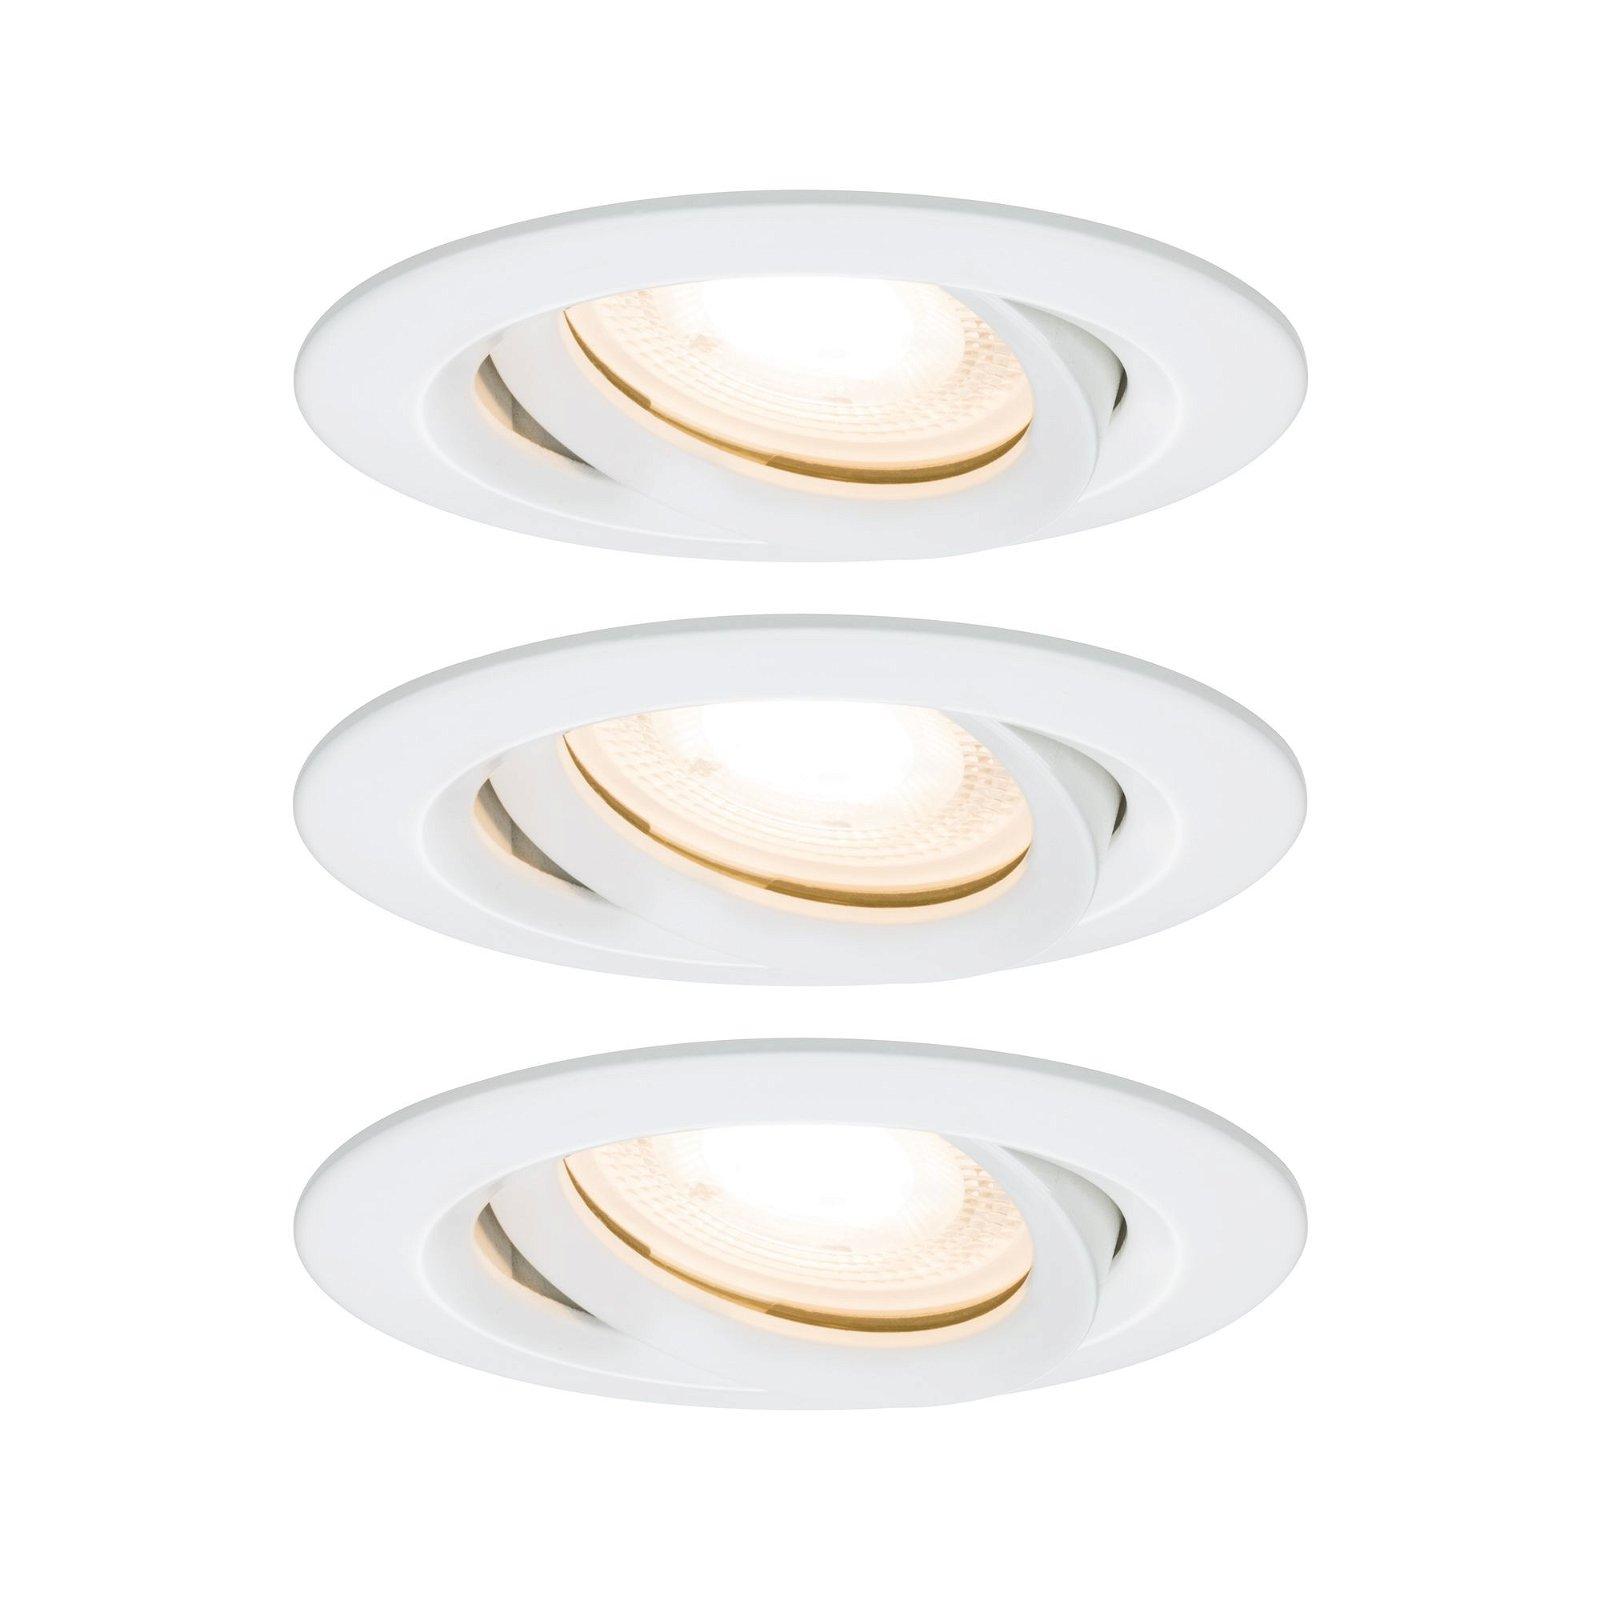 LED Einbauleuchte Nova Plus Basisset schwenkbar IP65 rund 93mm 30° GU10 3x7W 230V 2700K Weiß matt